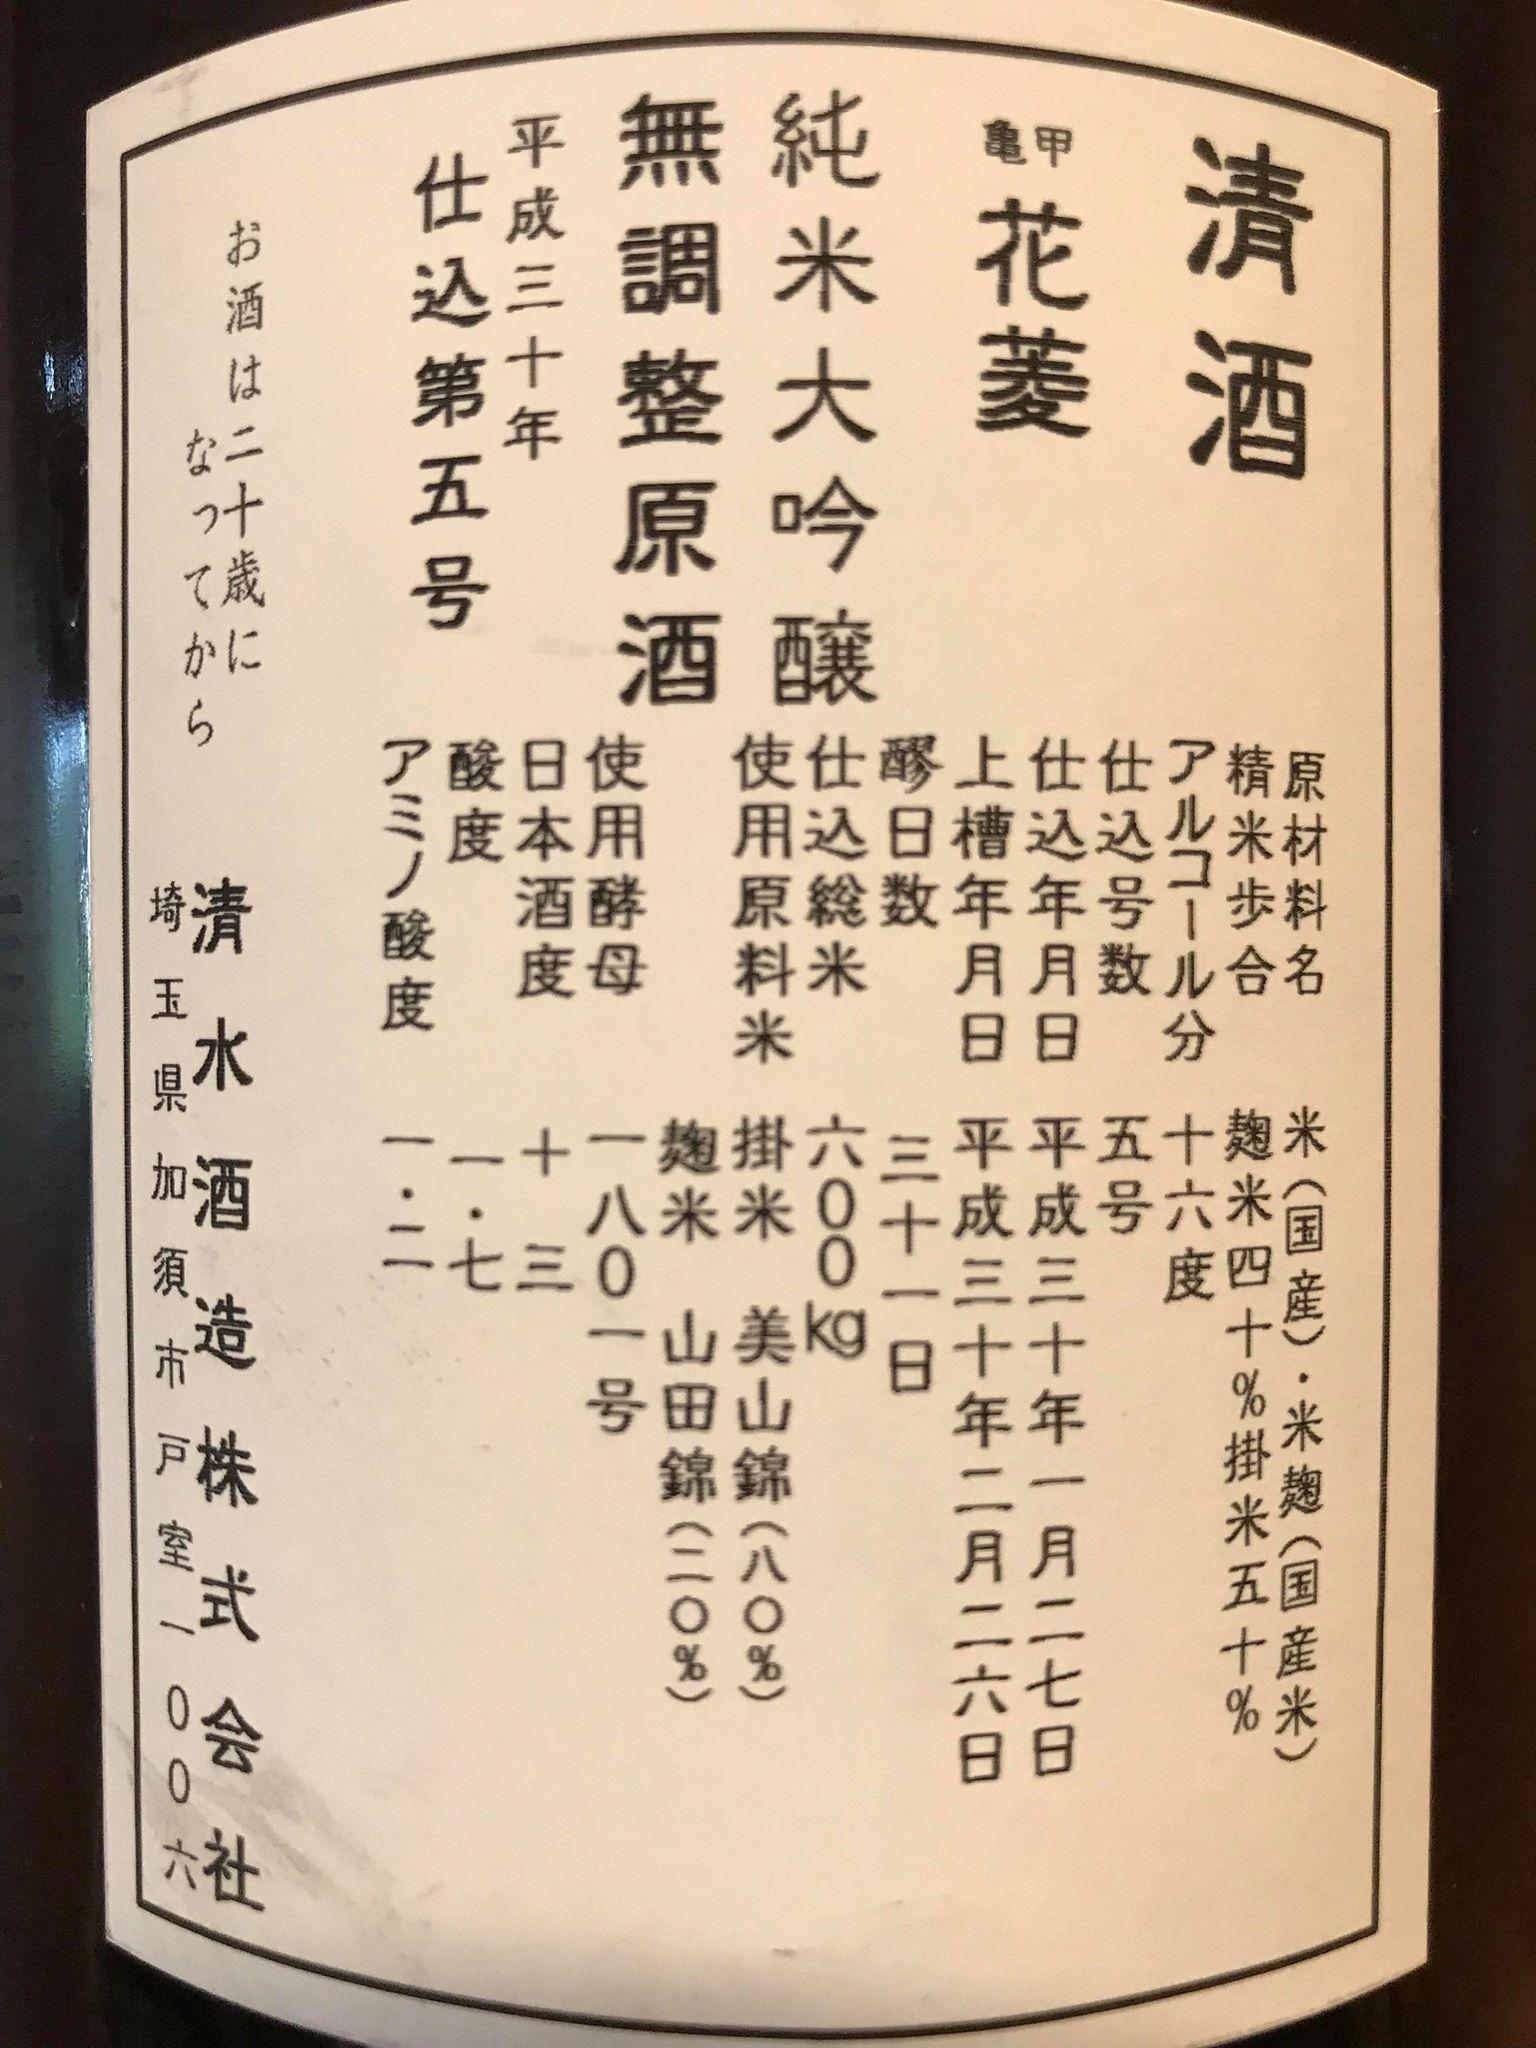 【日本酒】亀甲花菱 純米大吟醸 無調整生原酒 熟成本生SPver 限定 29BY_e0173738_18385410.jpg